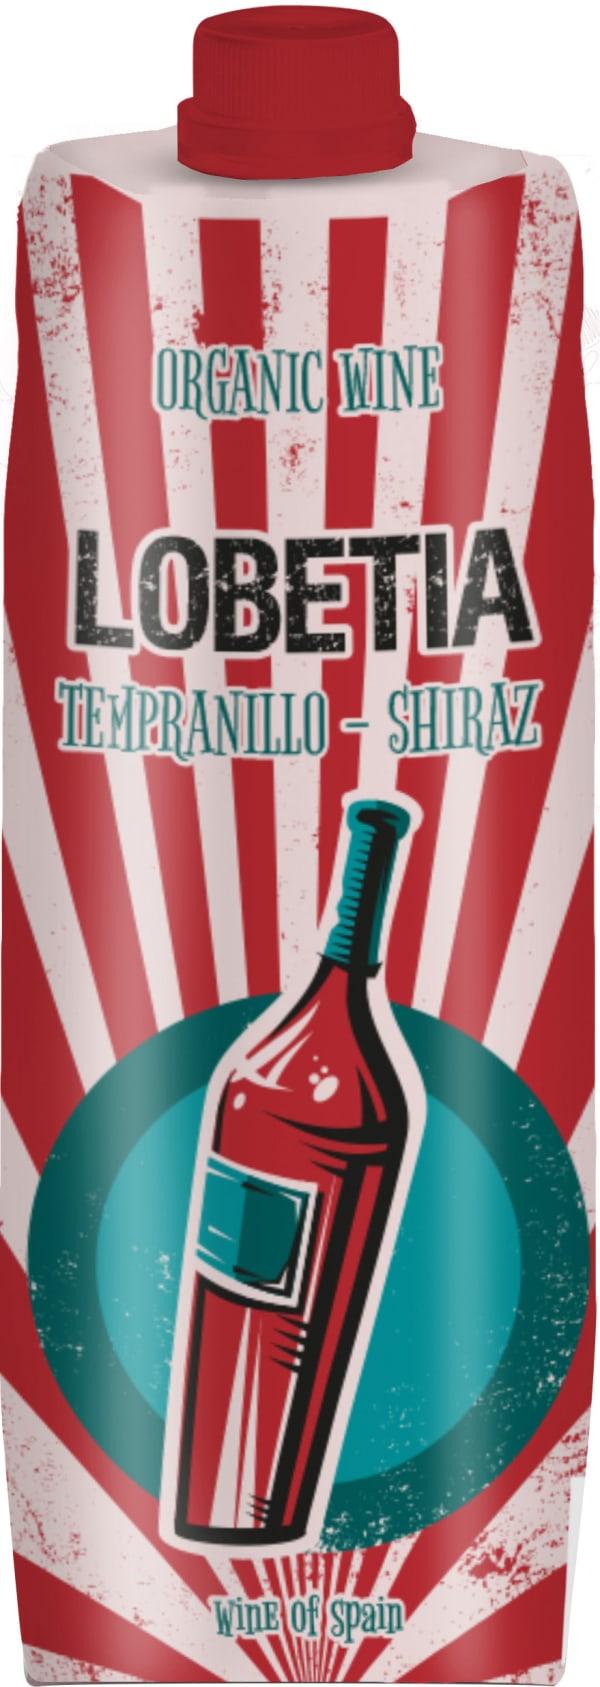 Lobetia Tempranillo Shiraz 2018 carton package